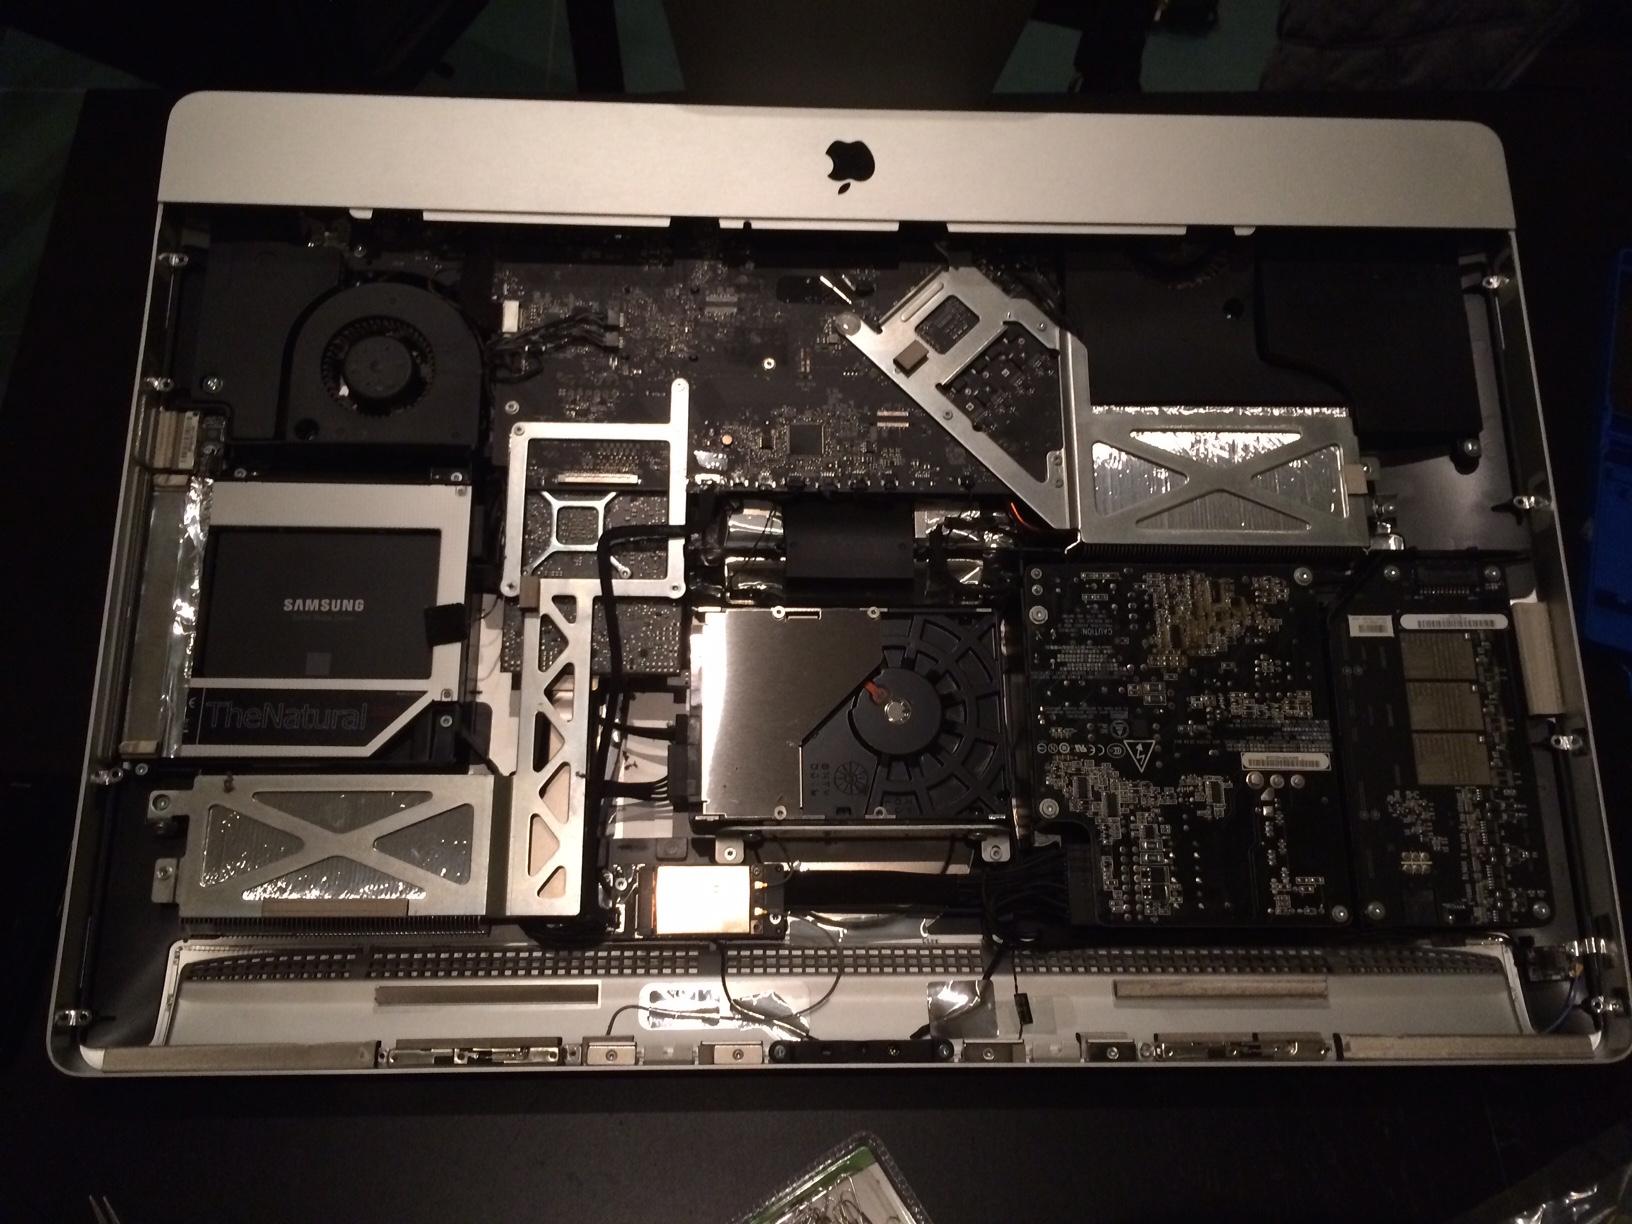 Installare SSD iMac 27″ come secondo hard-disk